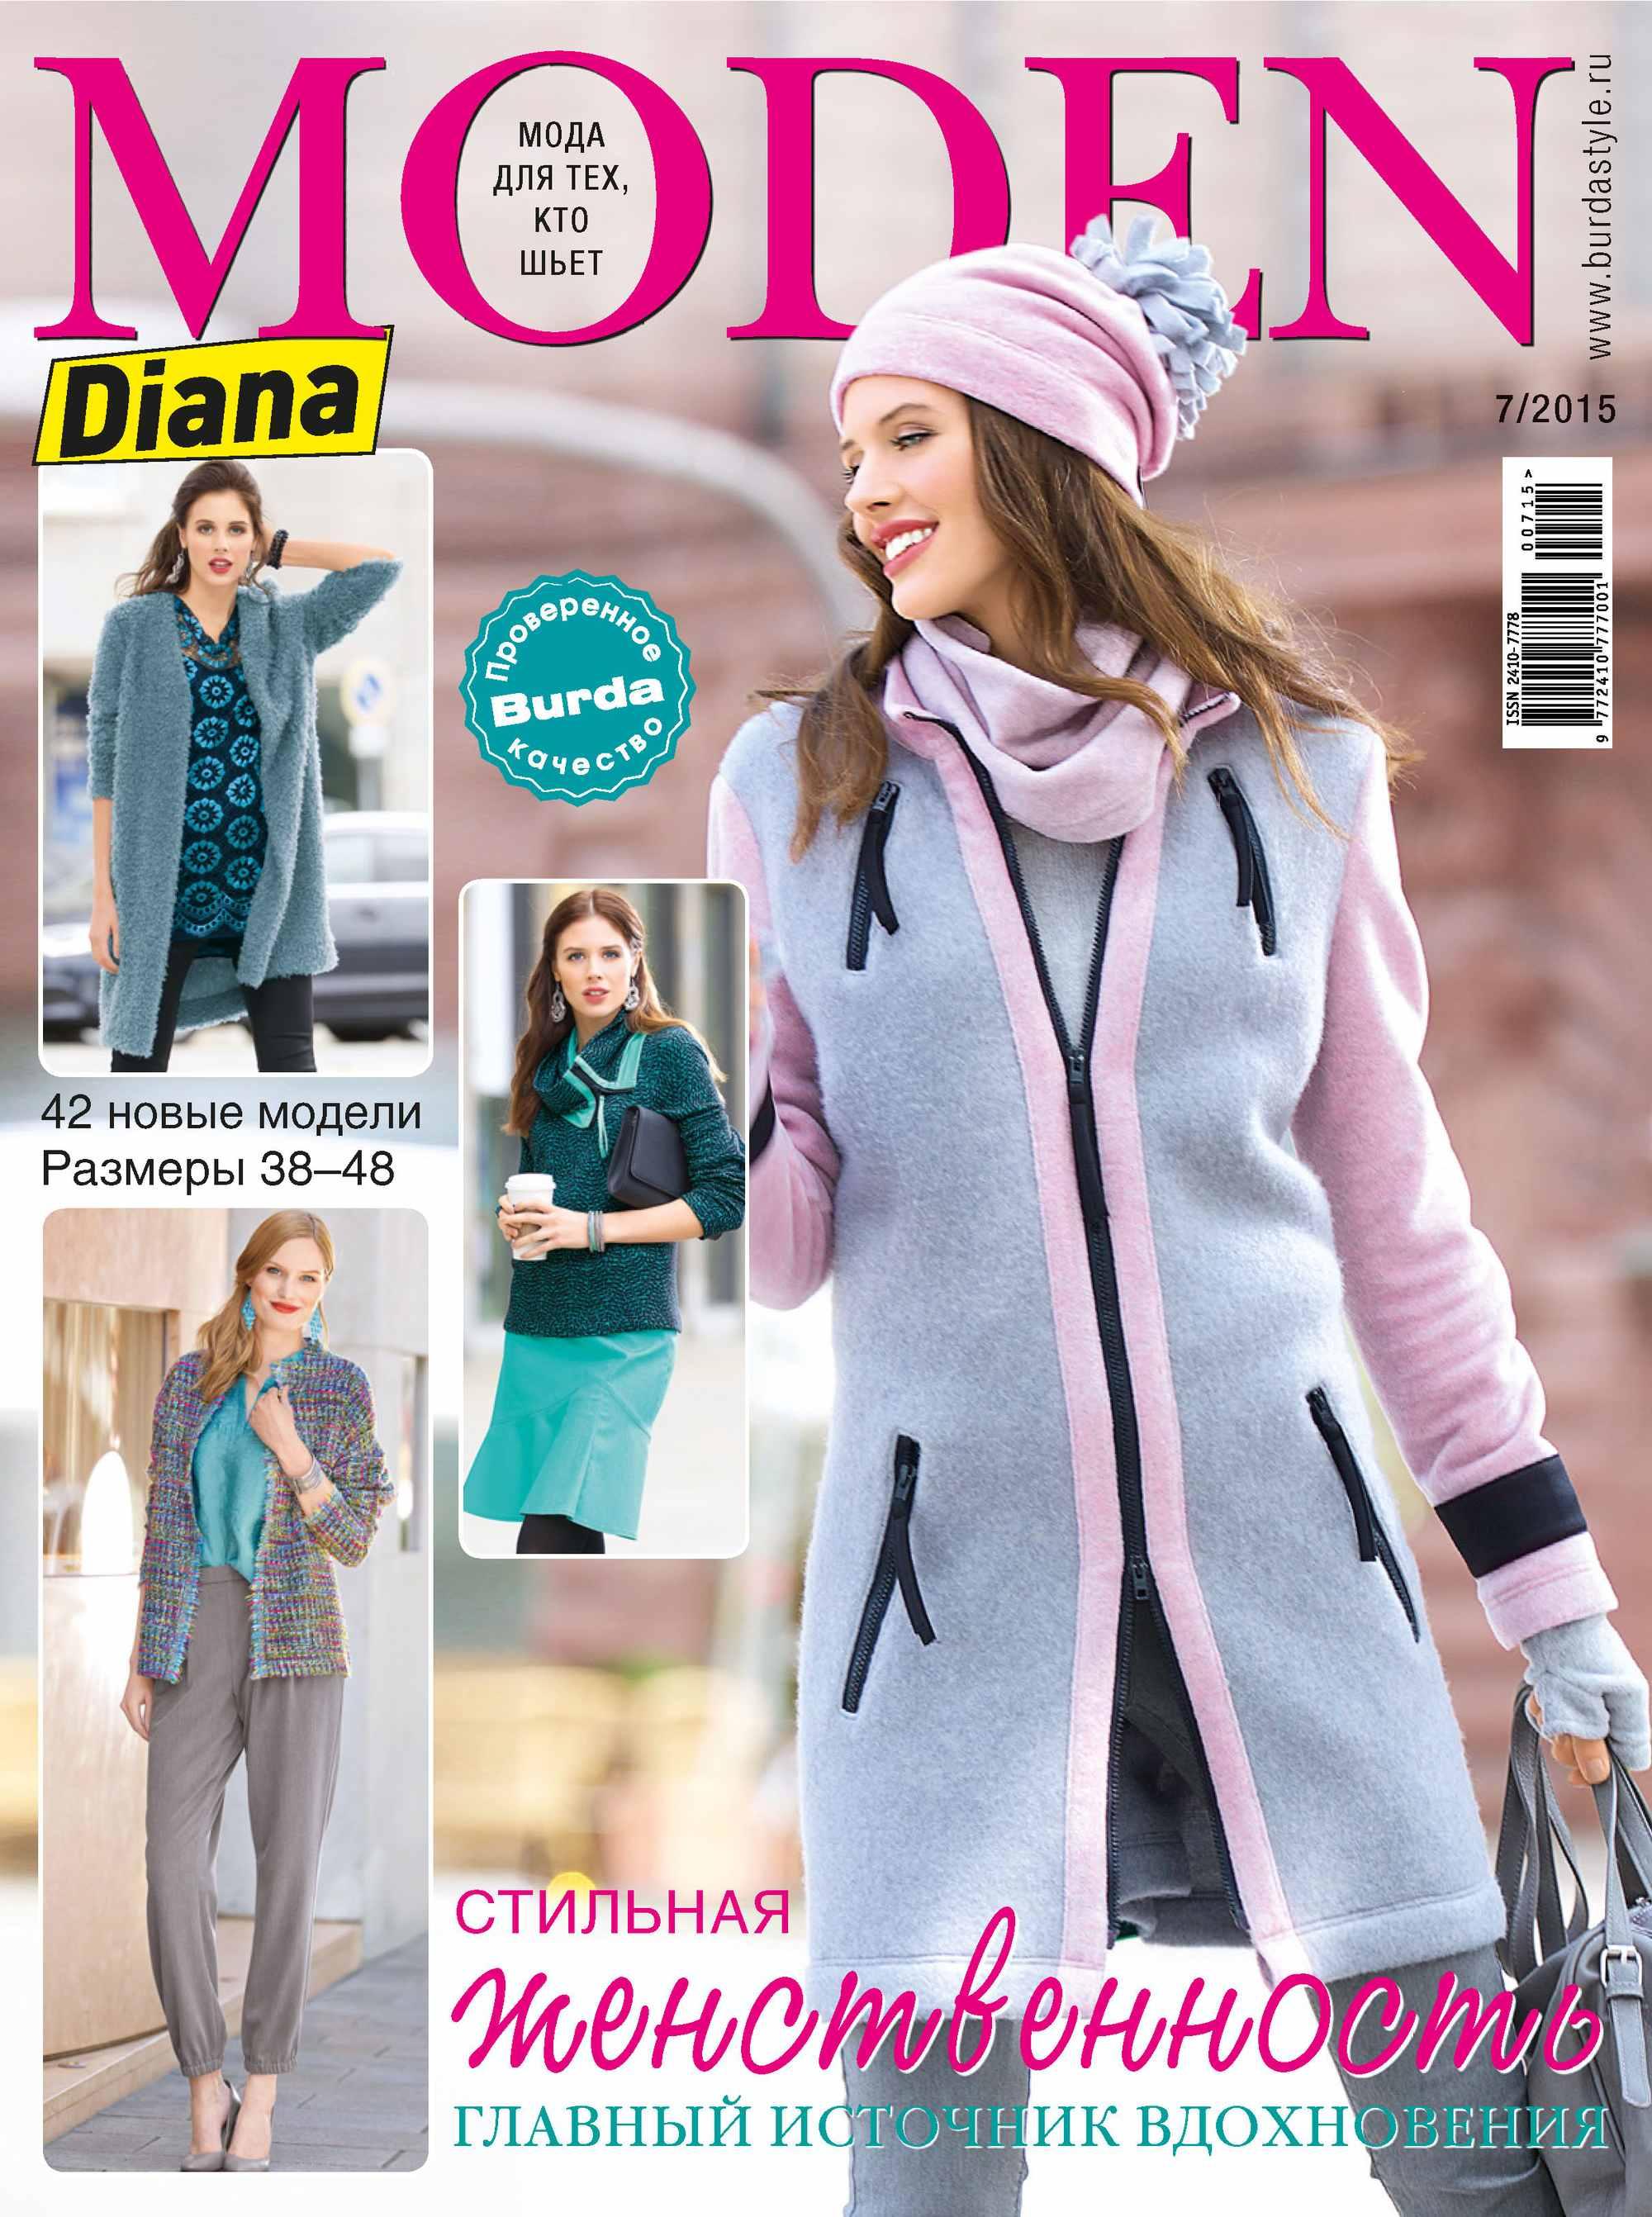 цена ИД «Бурда» Diana Moden №07/2015